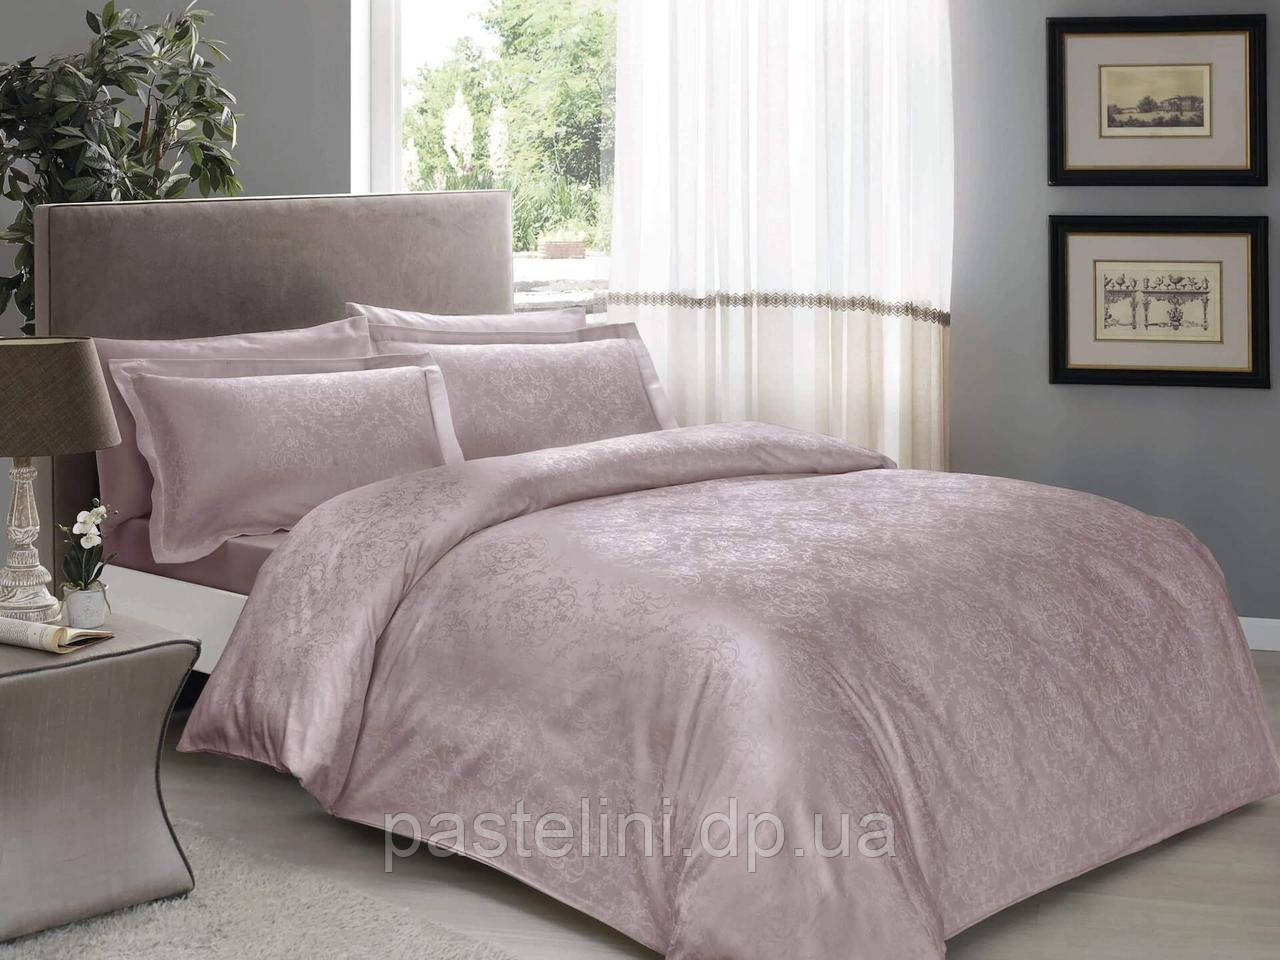 TAC Daria lilla жаккардовый комплект постельного белья